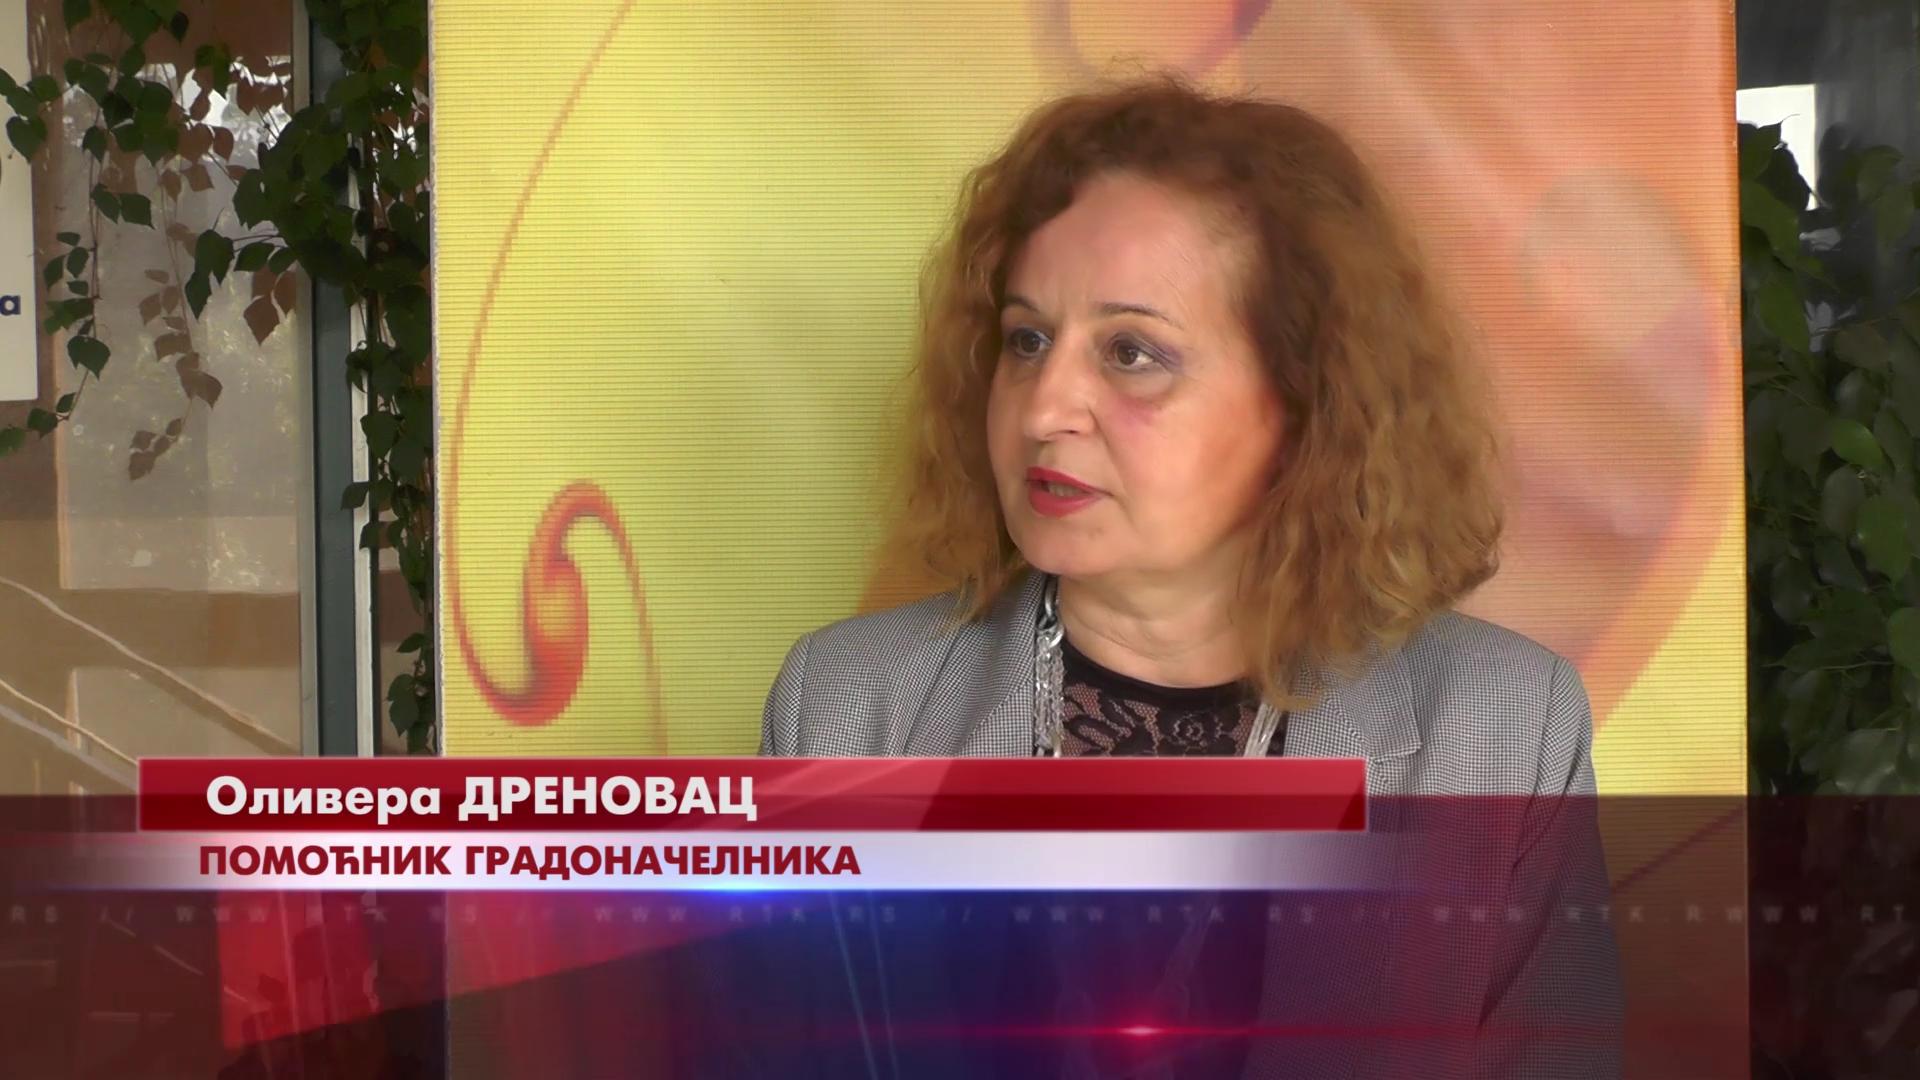 Regionalna sanitarna deponija biće izgrađena u Kruševcu na lokaciji postojeće u Srnju